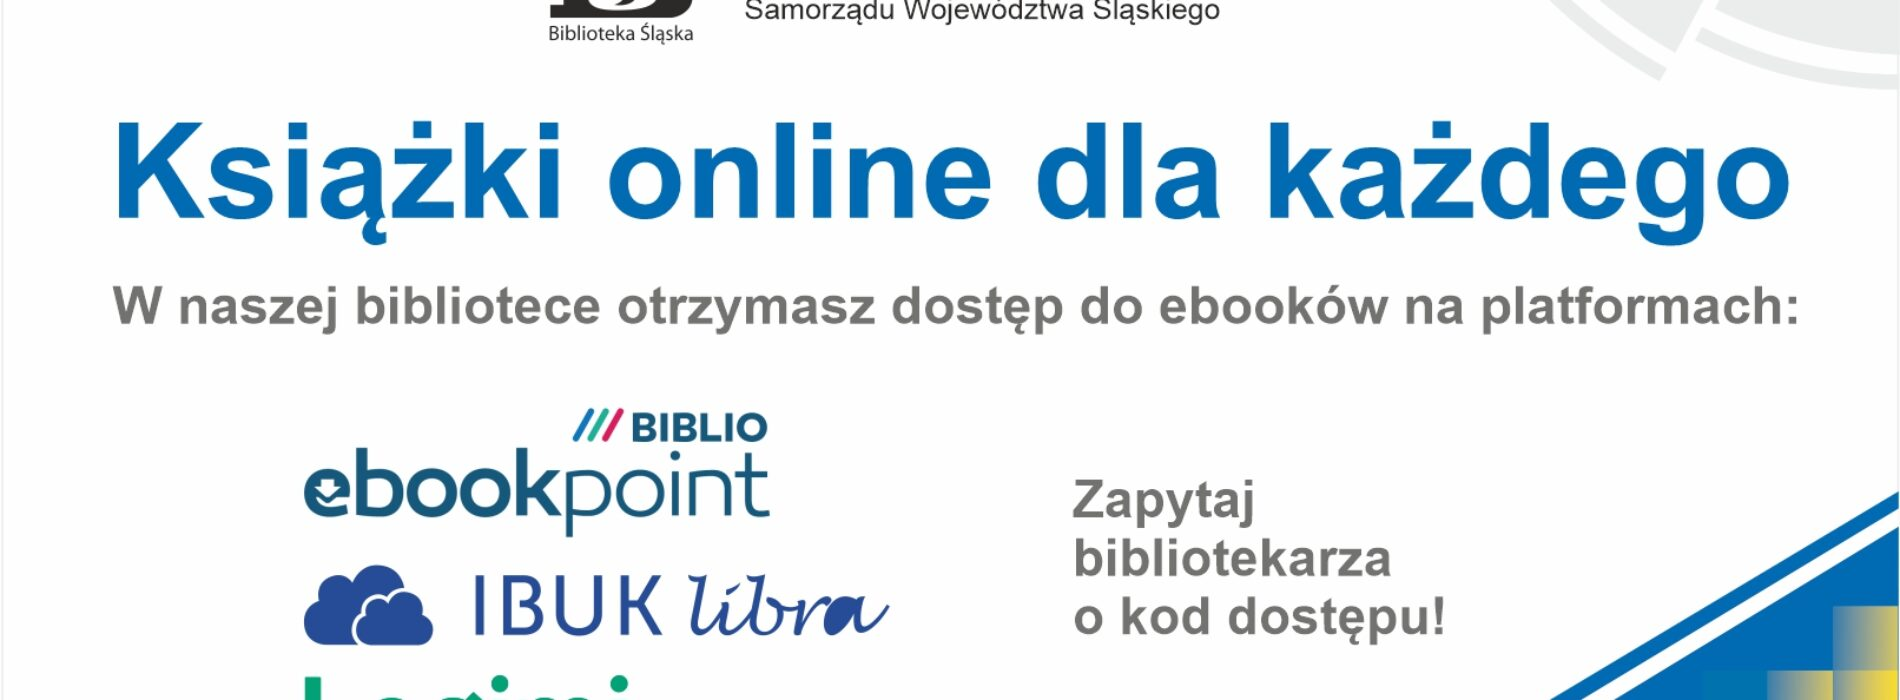 Jeszcze więcej ebooków